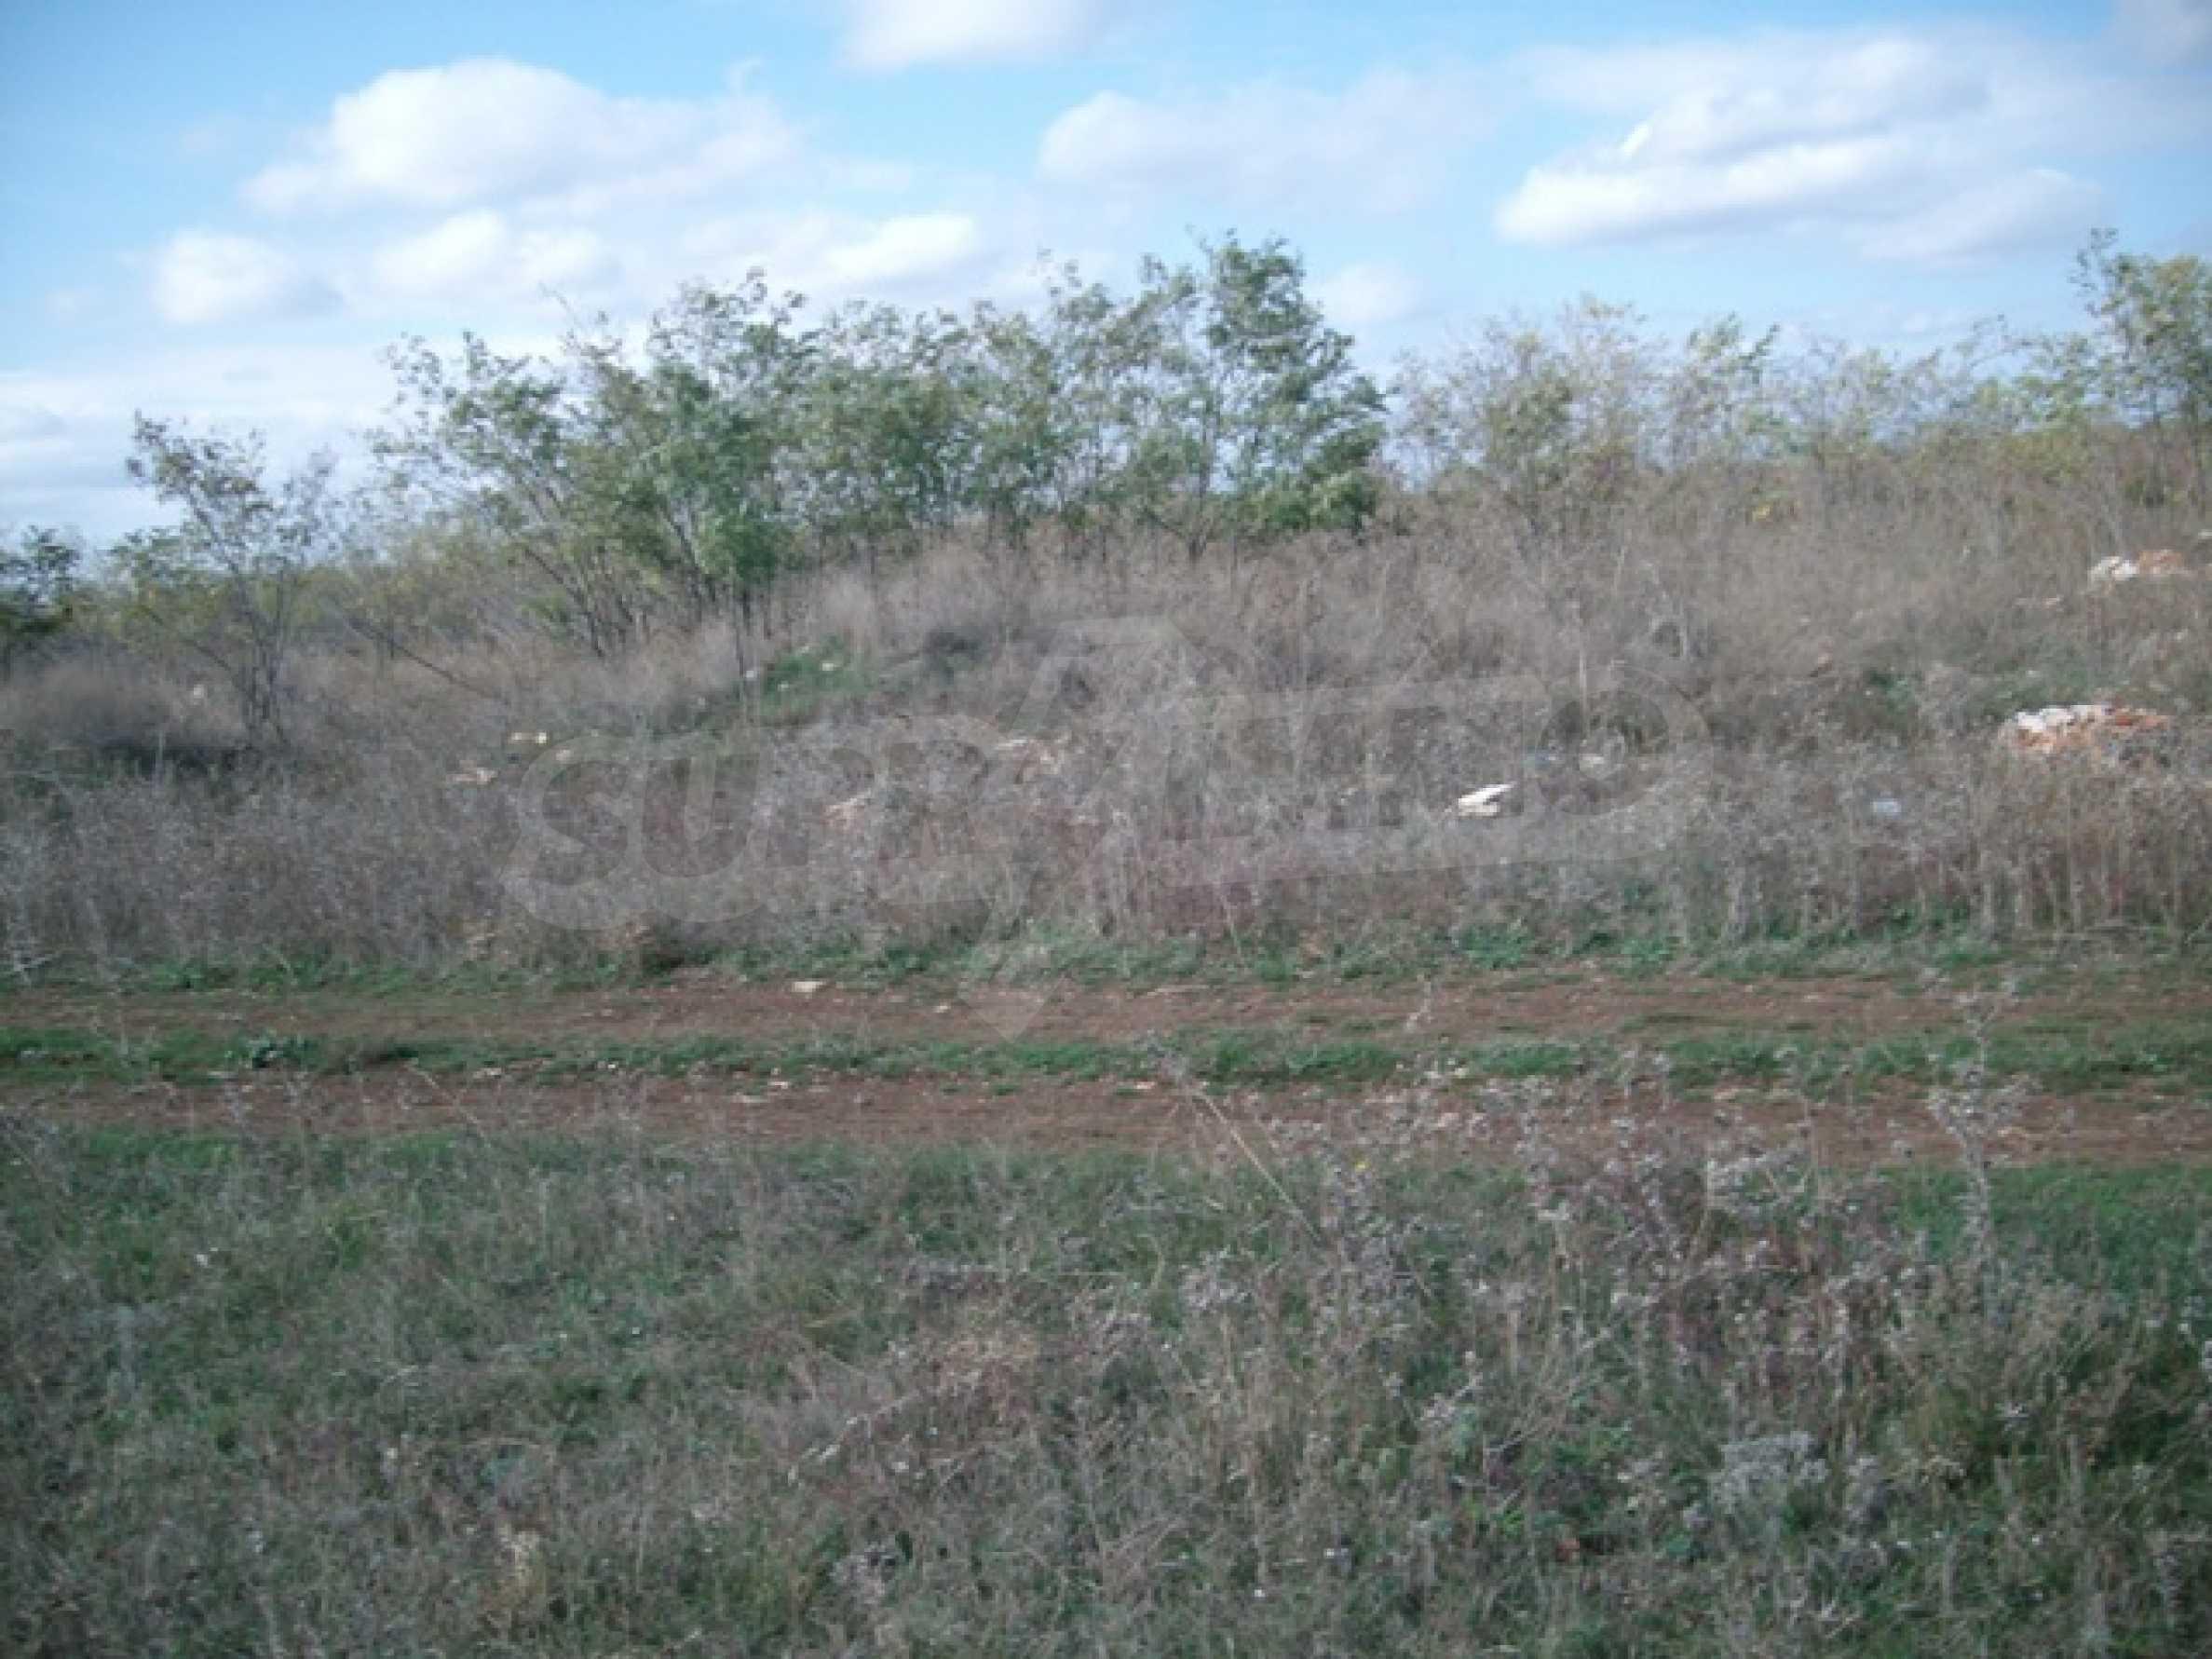 Участок земли под застройку, село Топола 1